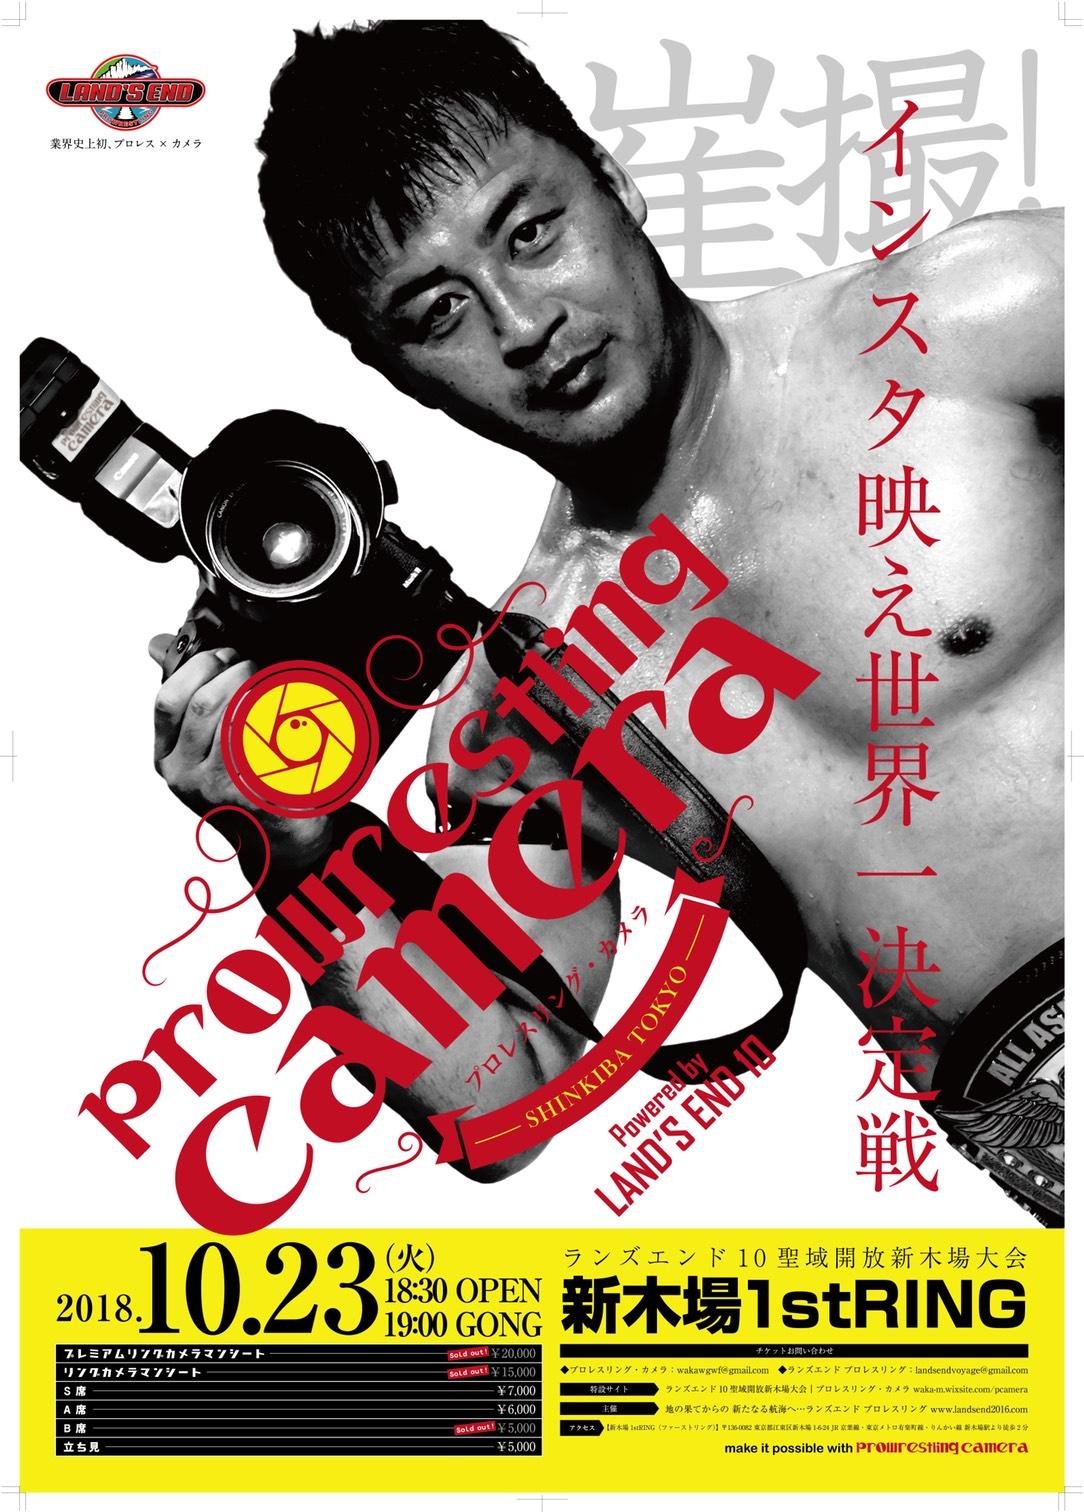 【試合結果】プロレスリングカメラ X LAND'S END 10